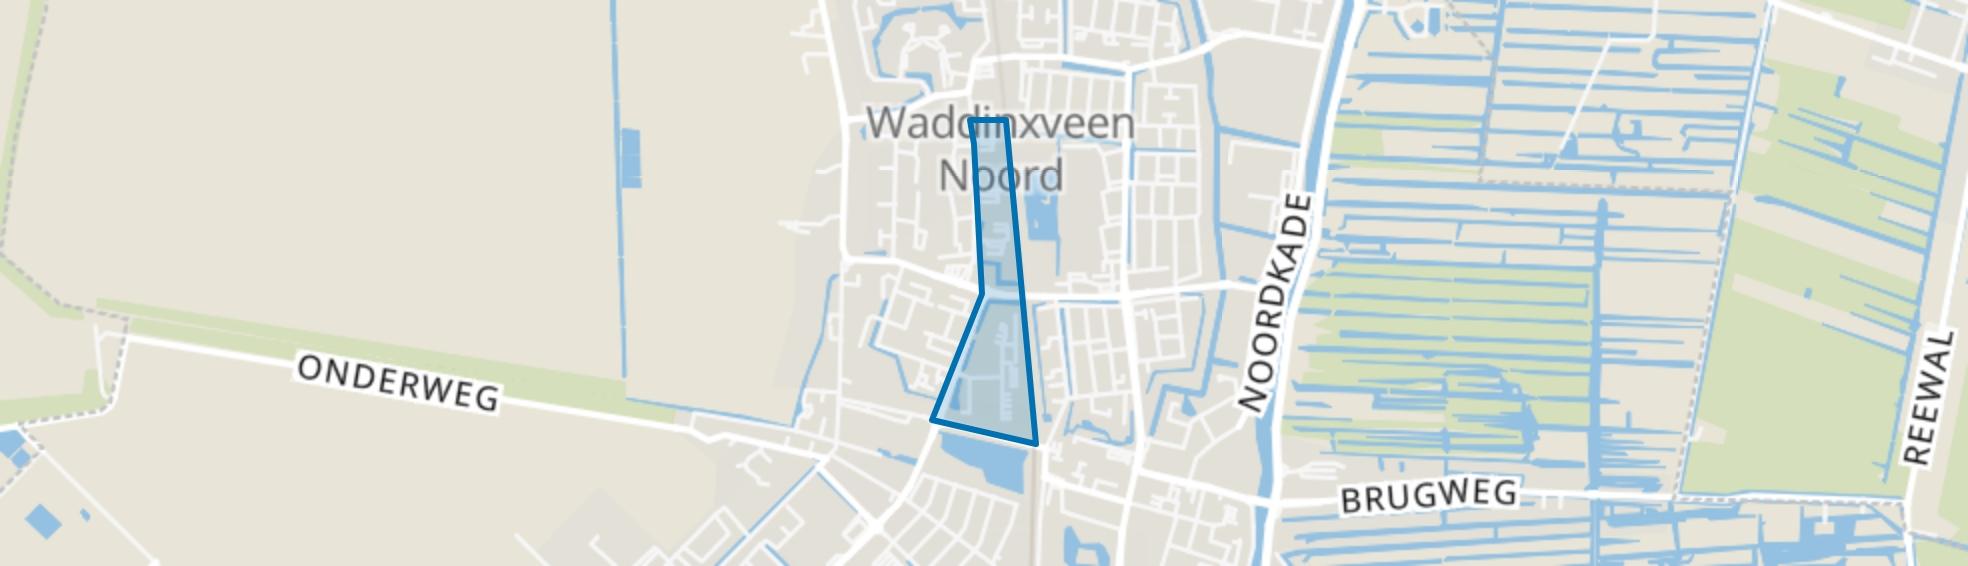 Peter Zuidlaan en Horstenbuurt, Waddinxveen map